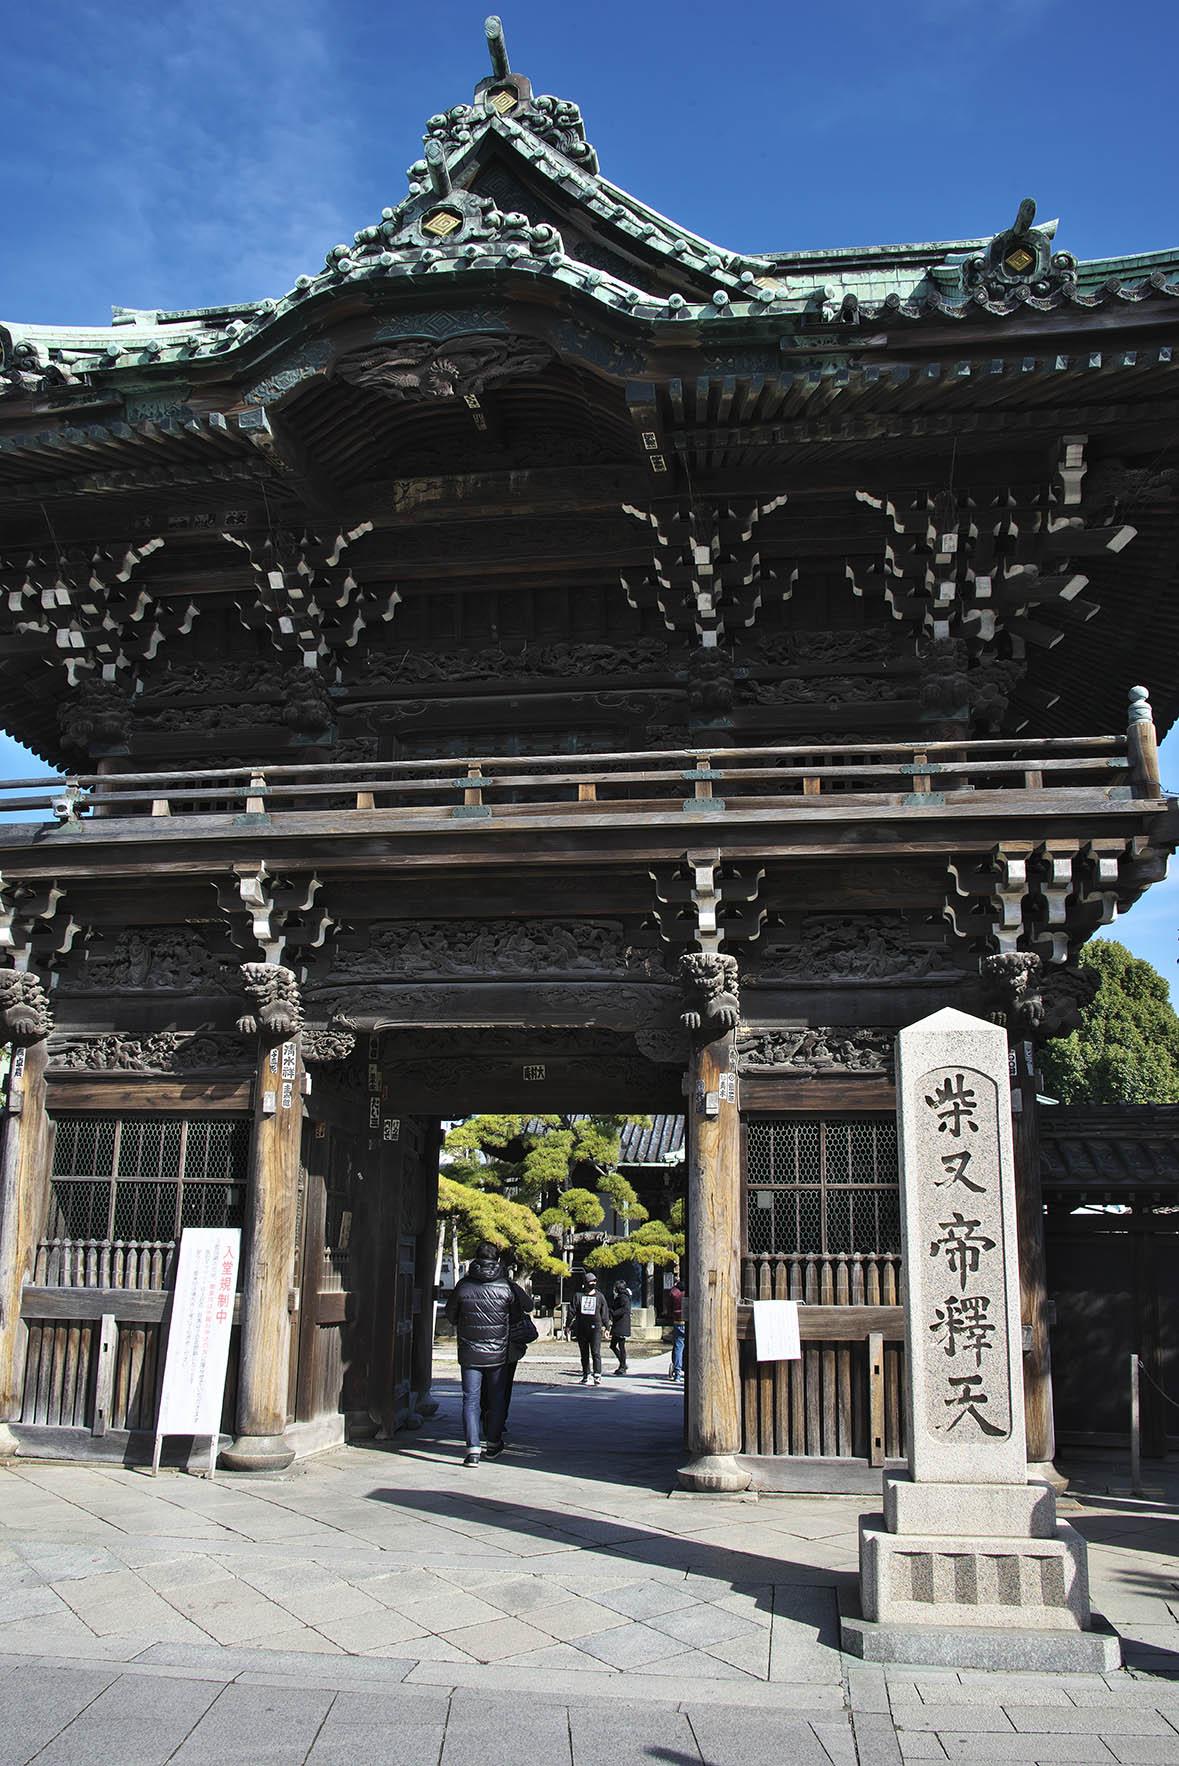 寅さんが産湯をつかった柴又帝釈天題経寺。境内のすぐ裏手に『川甚』がある。